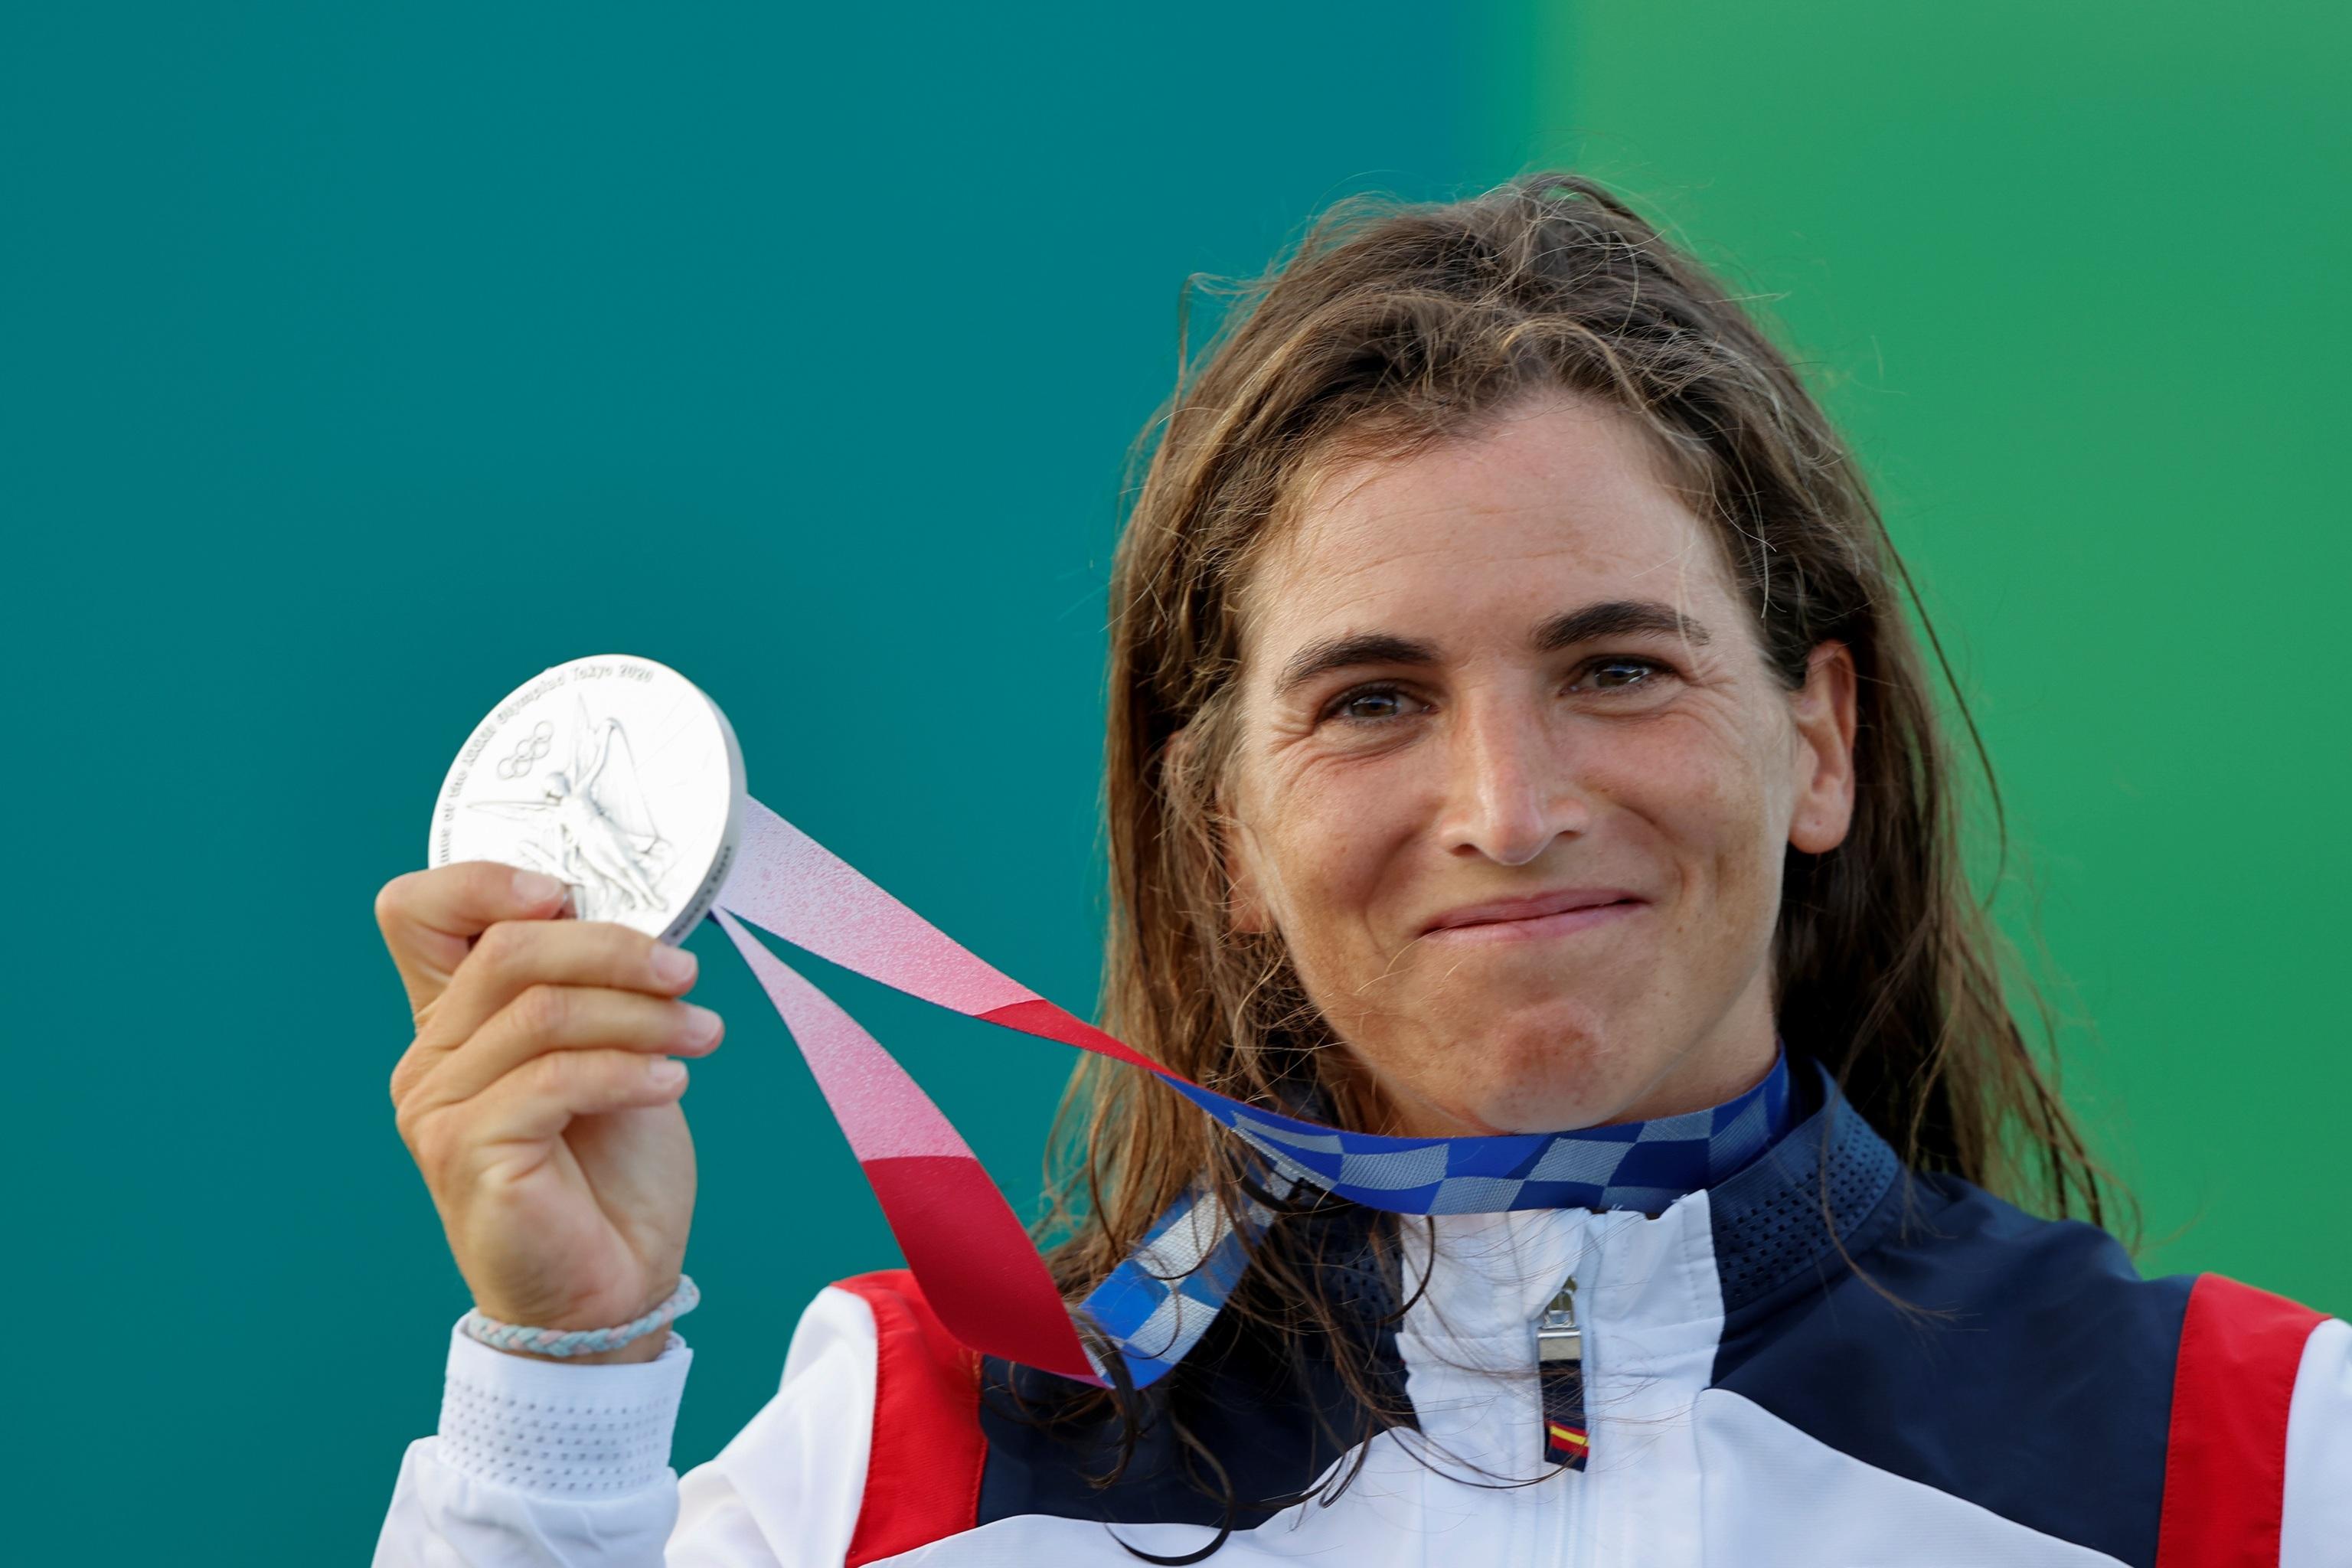 La española Maialen Chourraut tras recibir la medalla de plata